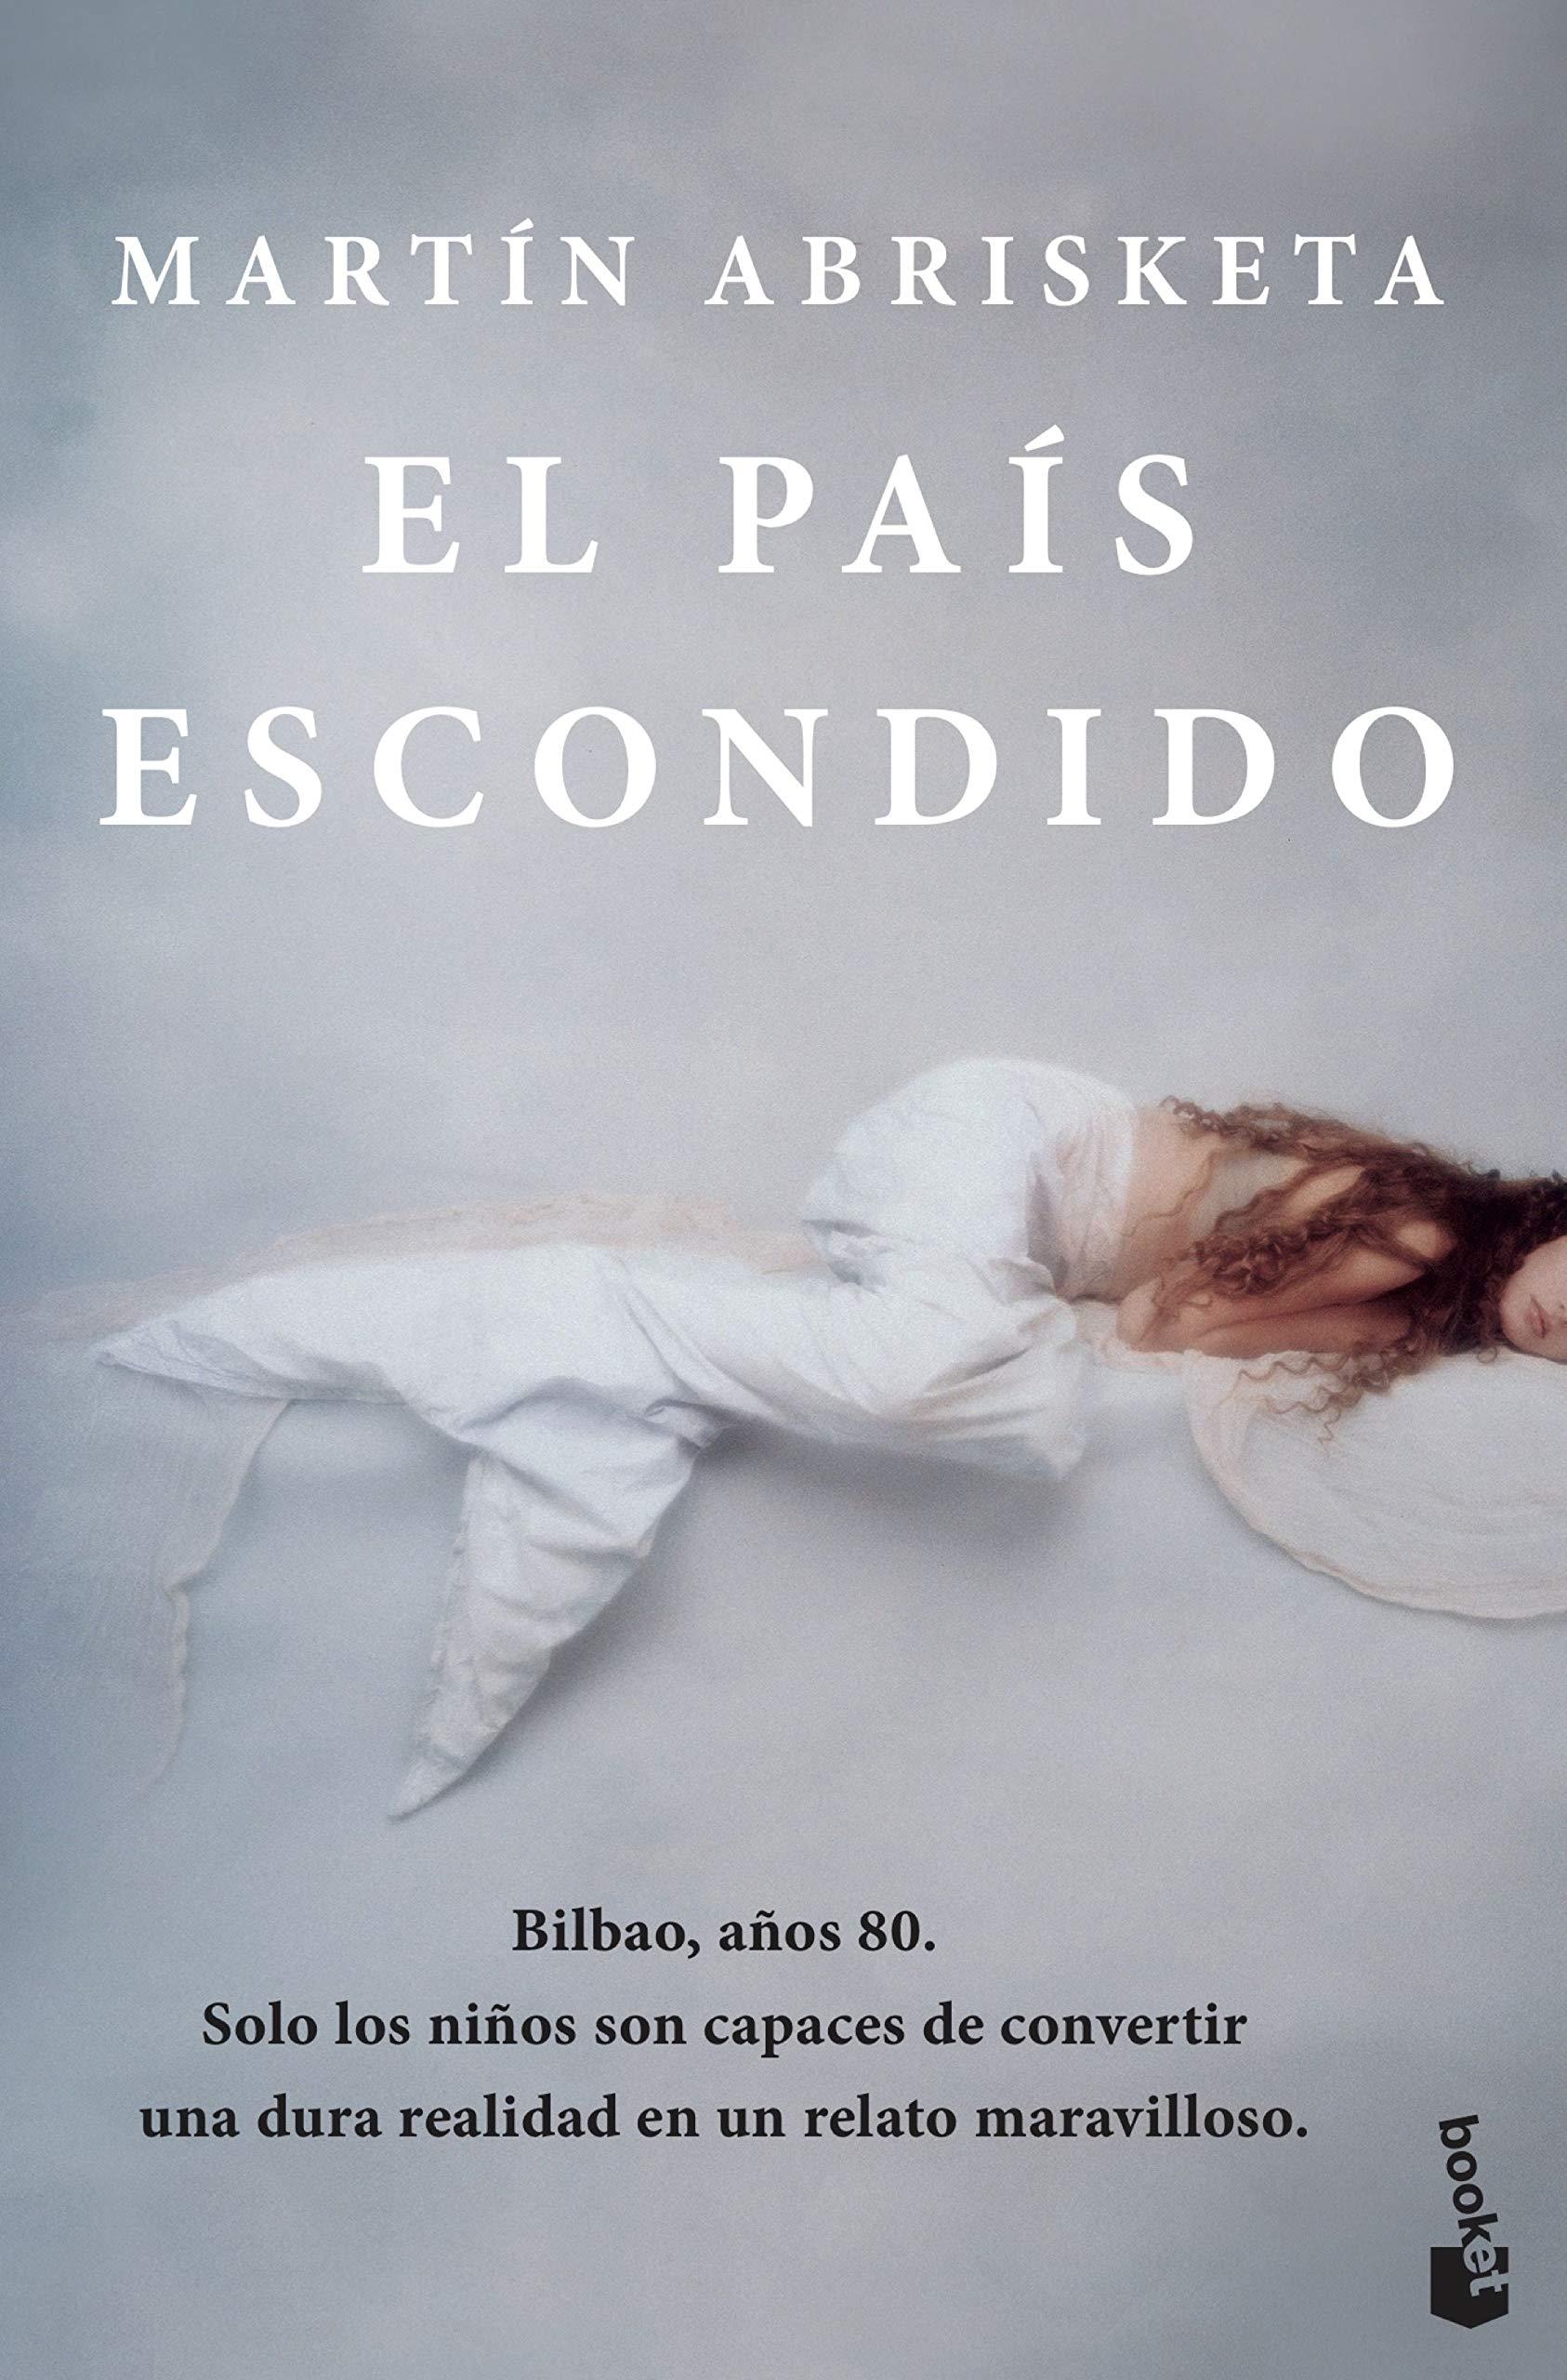 El país escondido (NF Novela): Amazon.es: Abrisketa, Martín: Libros